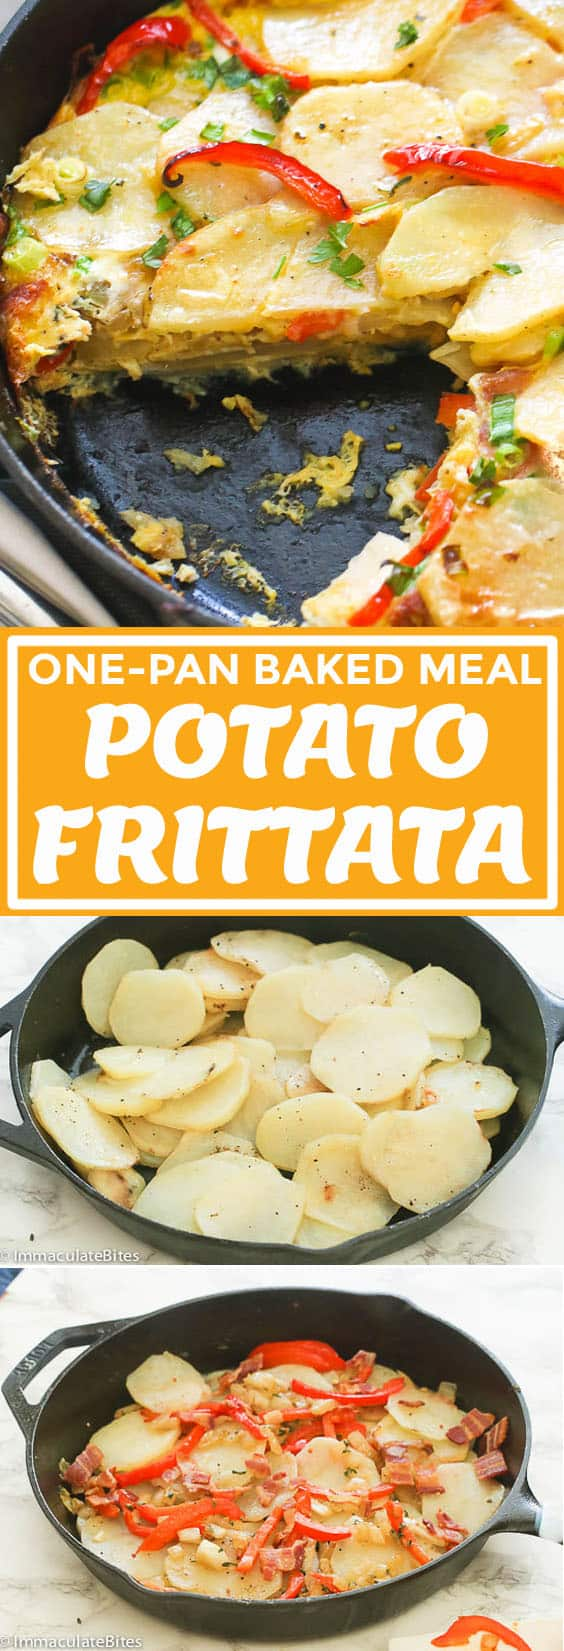 Potato Frittata